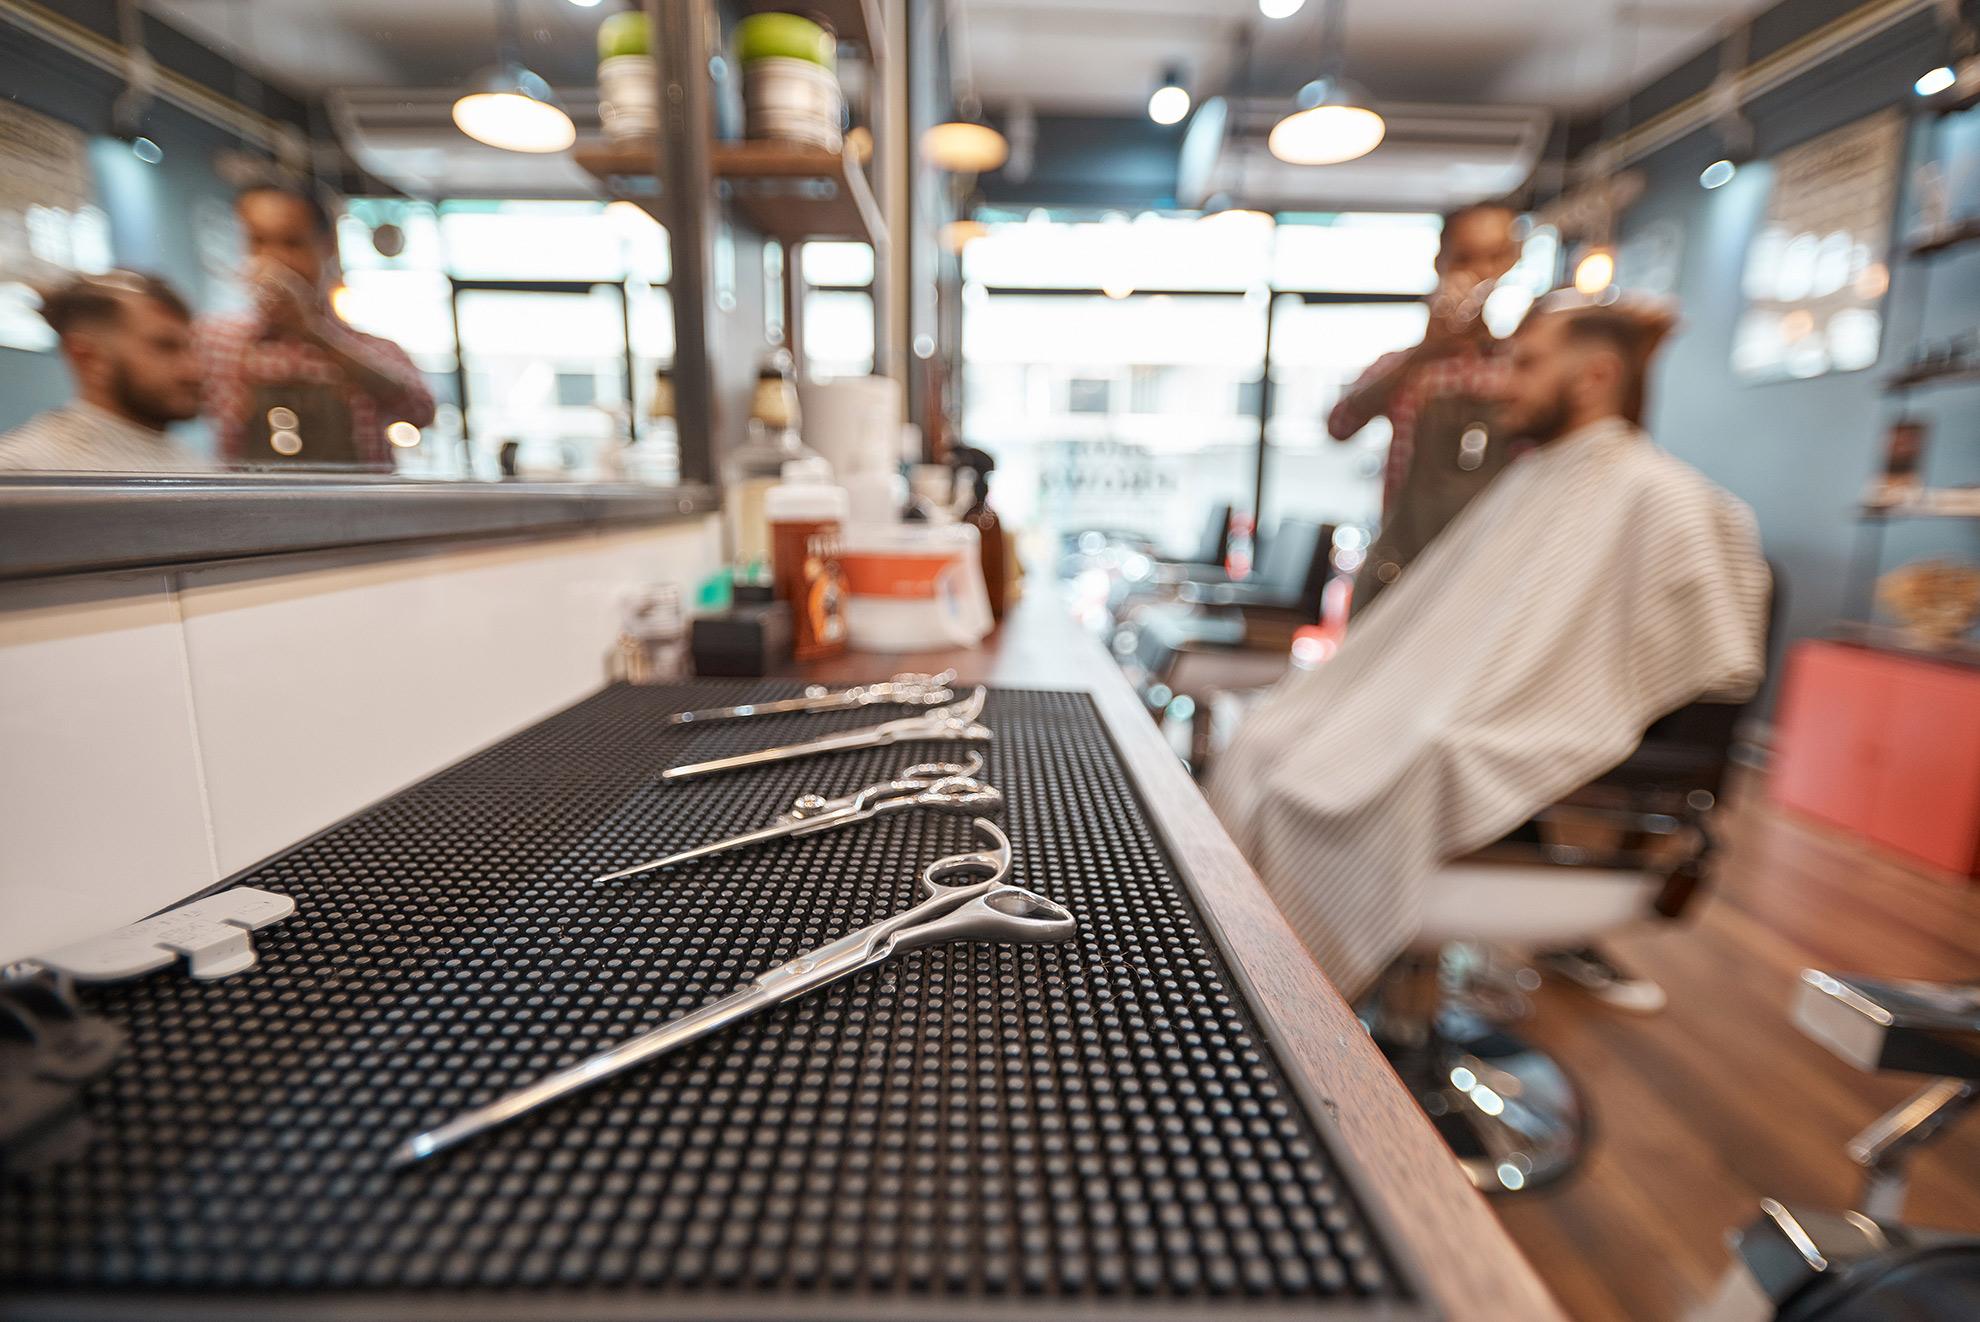 Salon fryzjerski, ilustracja do artykułu o wyborze fryzjera